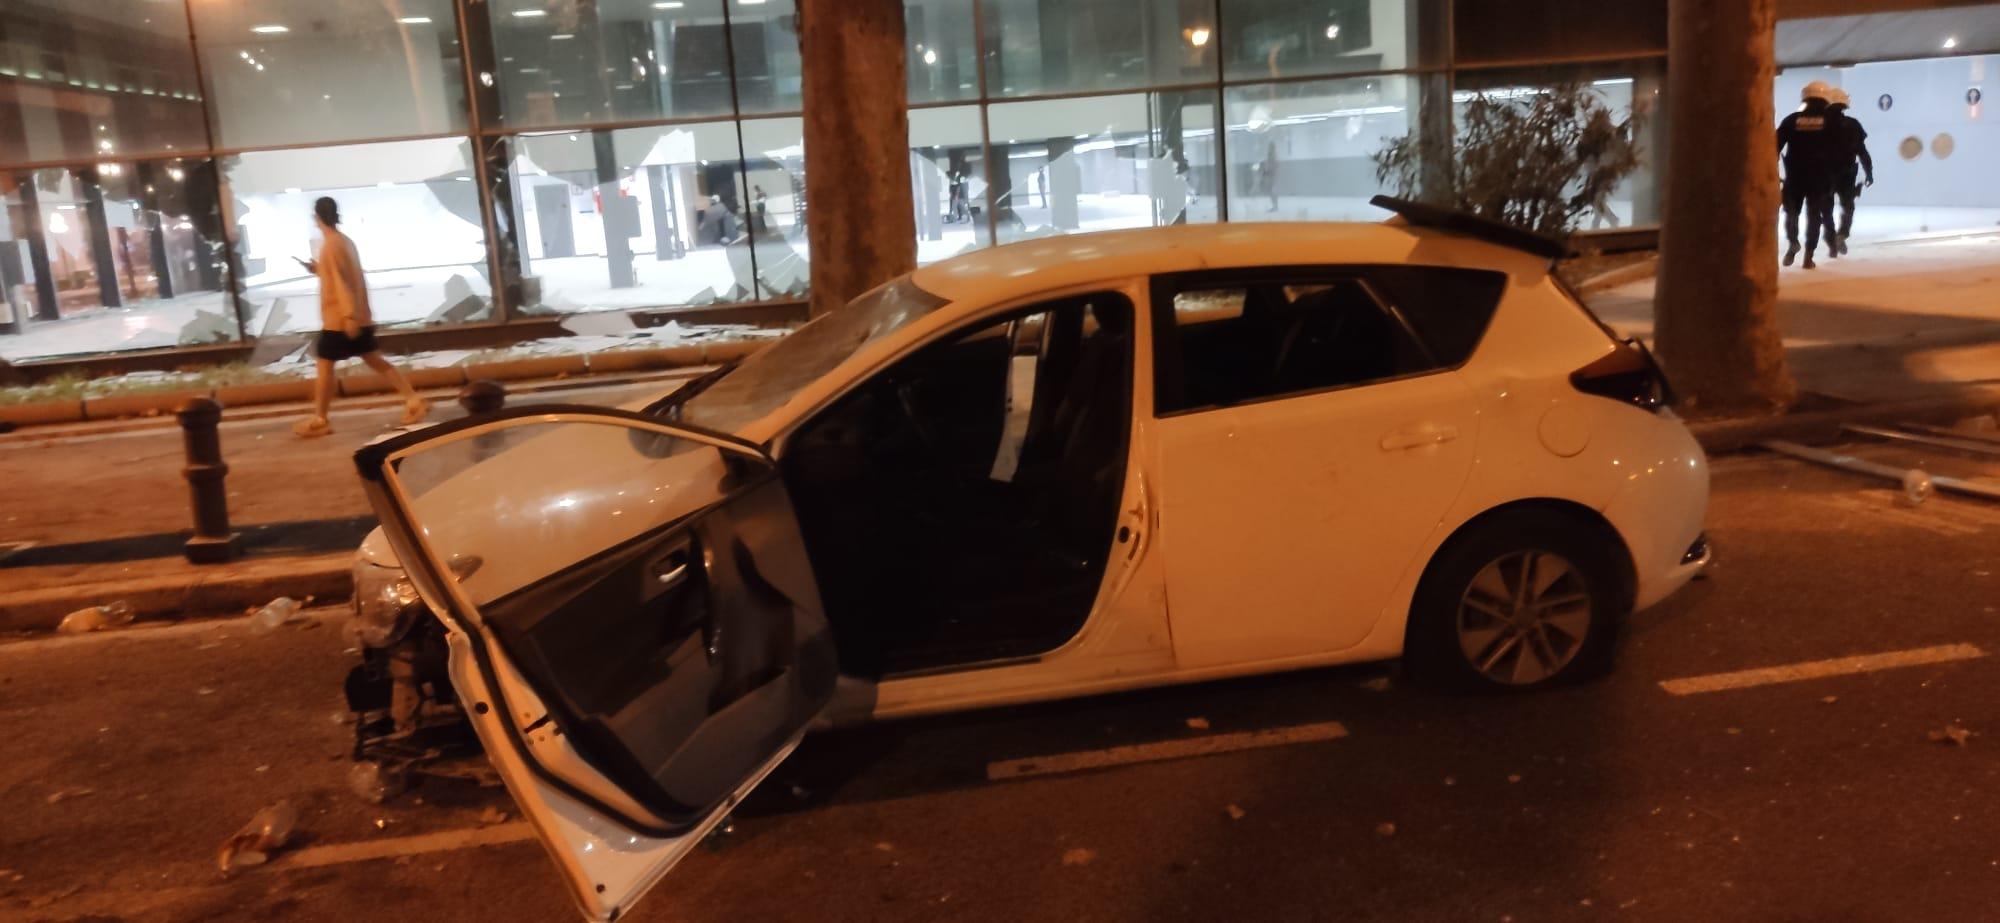 Cotxe destrossat i vidres trencats al Palau de Congressos, aquesta matinada / CSIF